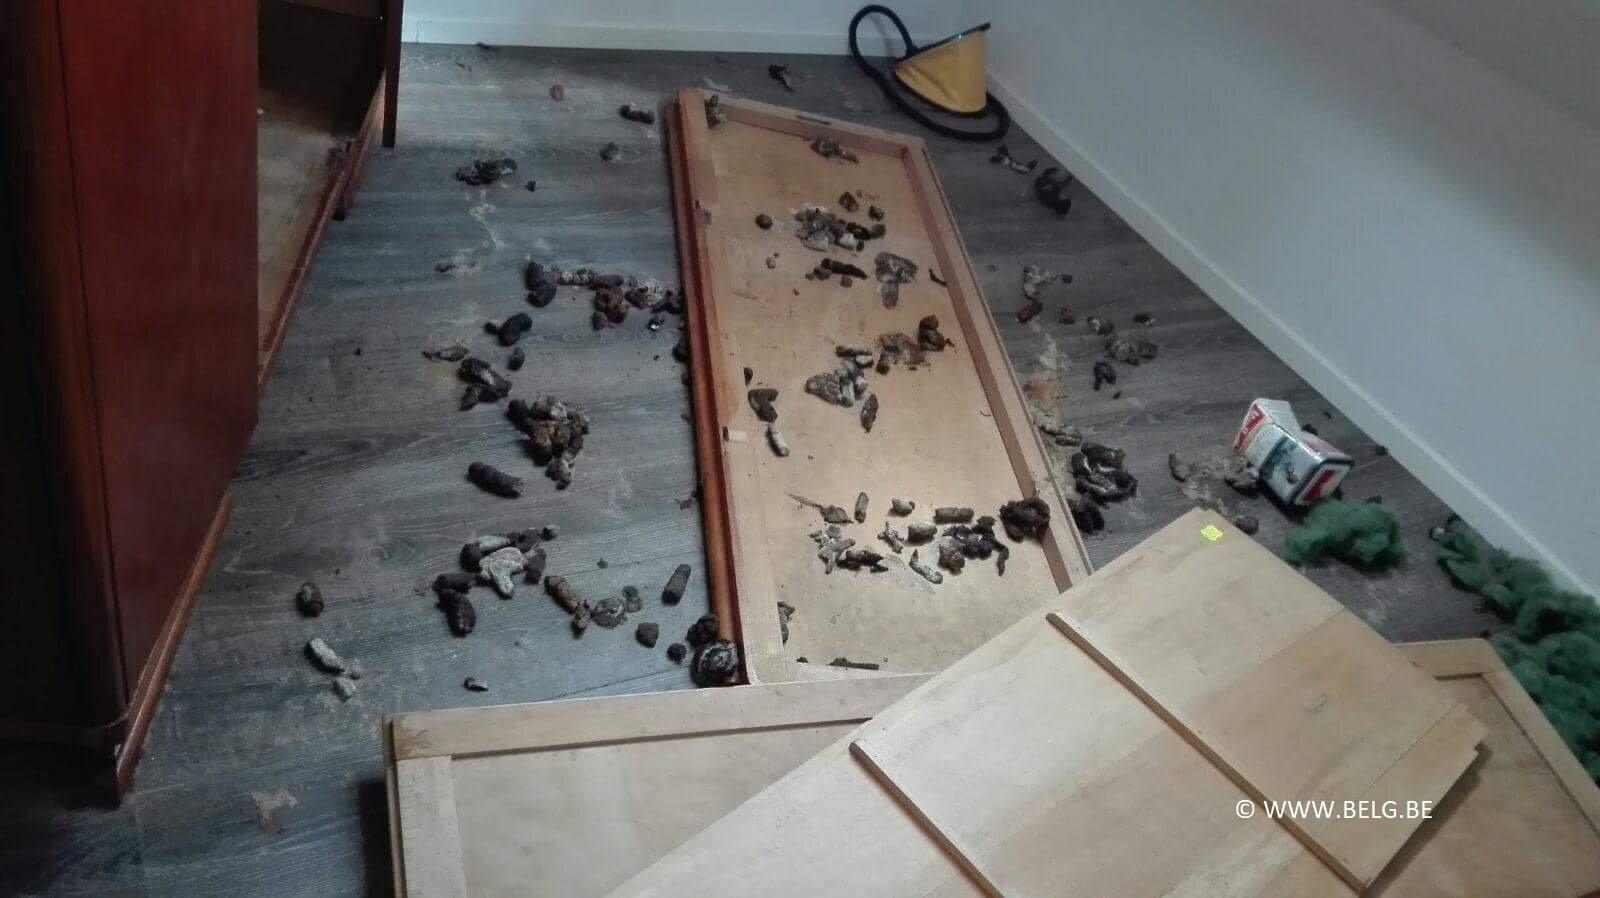 Huurhuis in Geraardsbergen na enkele maanden een ravage - IMG 1114